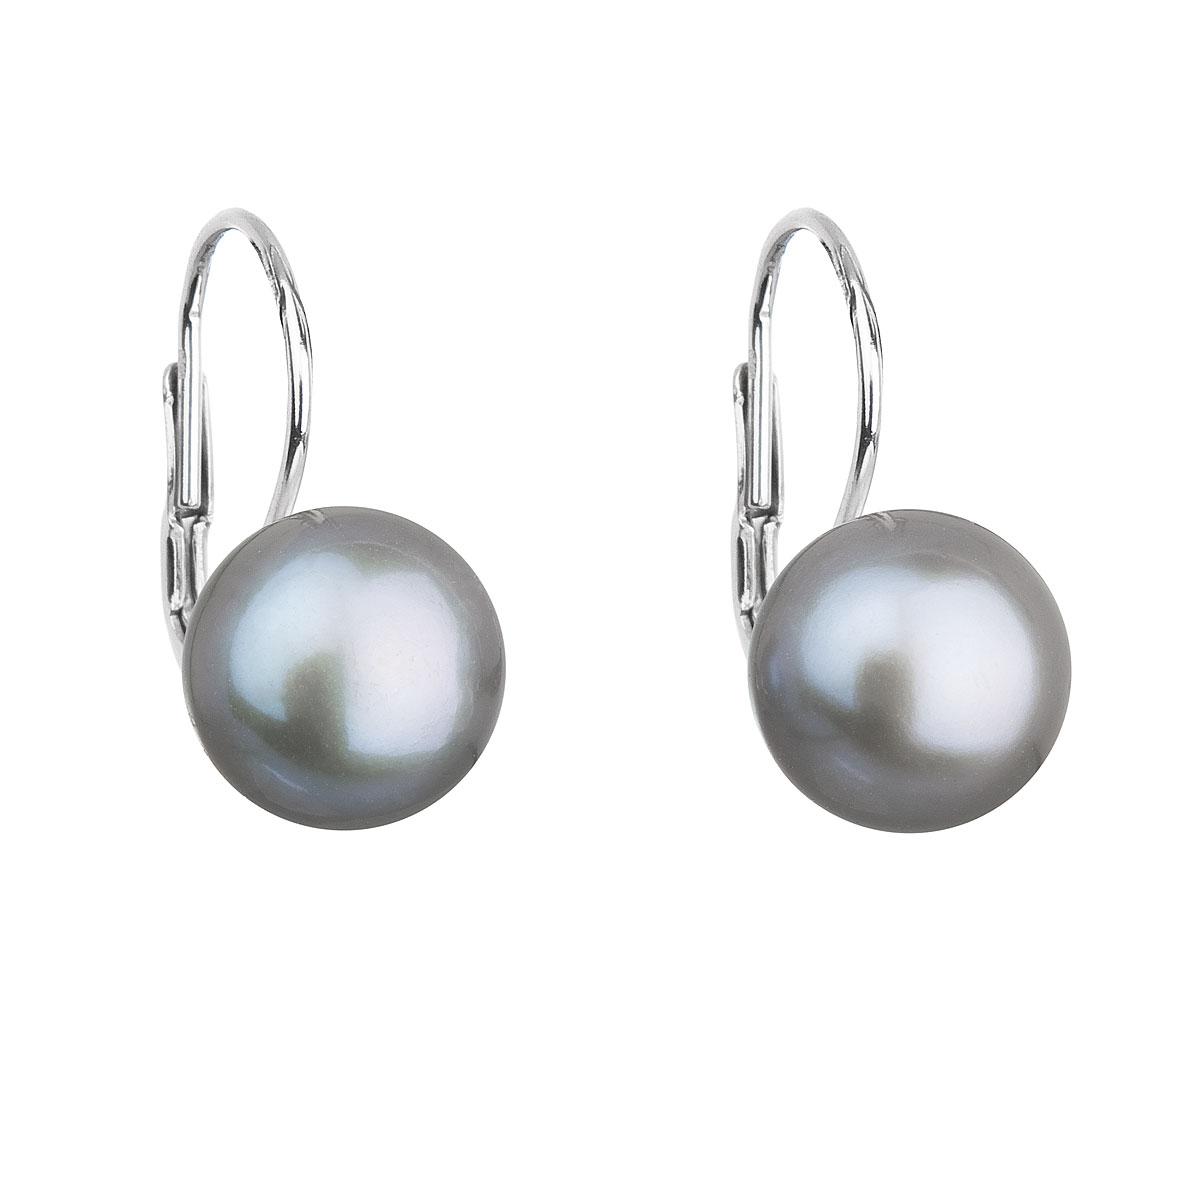 Strieborné náušnice visiace so šedou riečnou perlou 21009.3